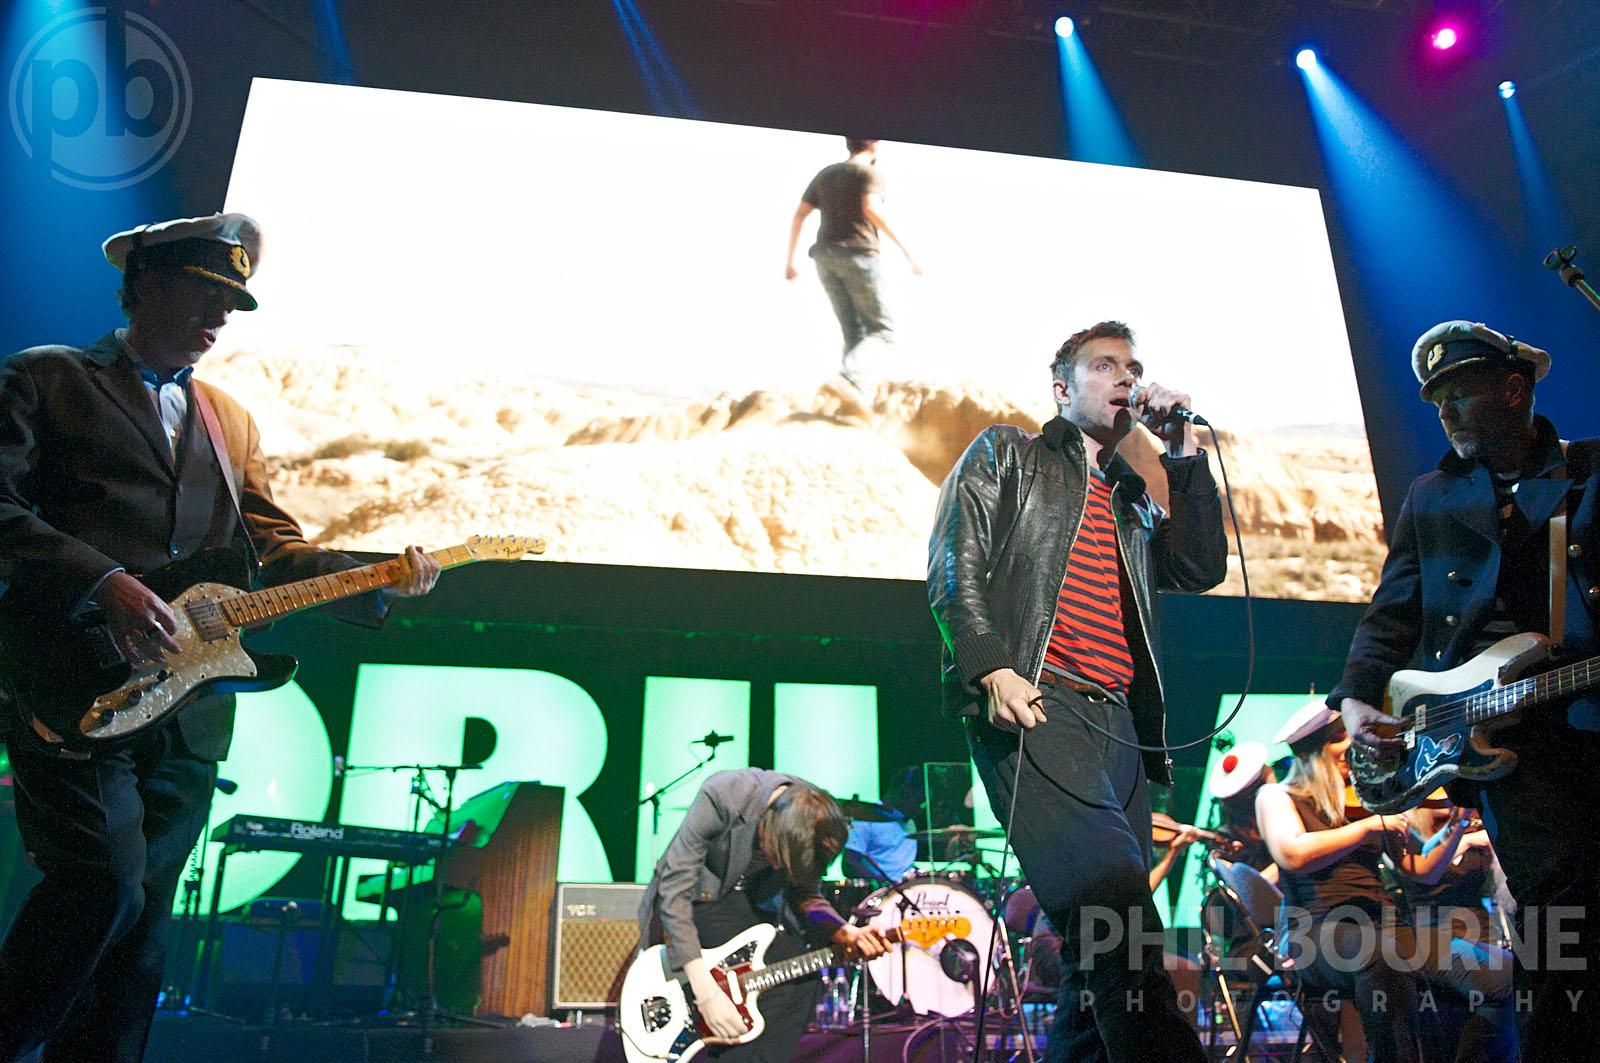 009_Live_Music_Photographer_London_Gorillaz_001.jpg